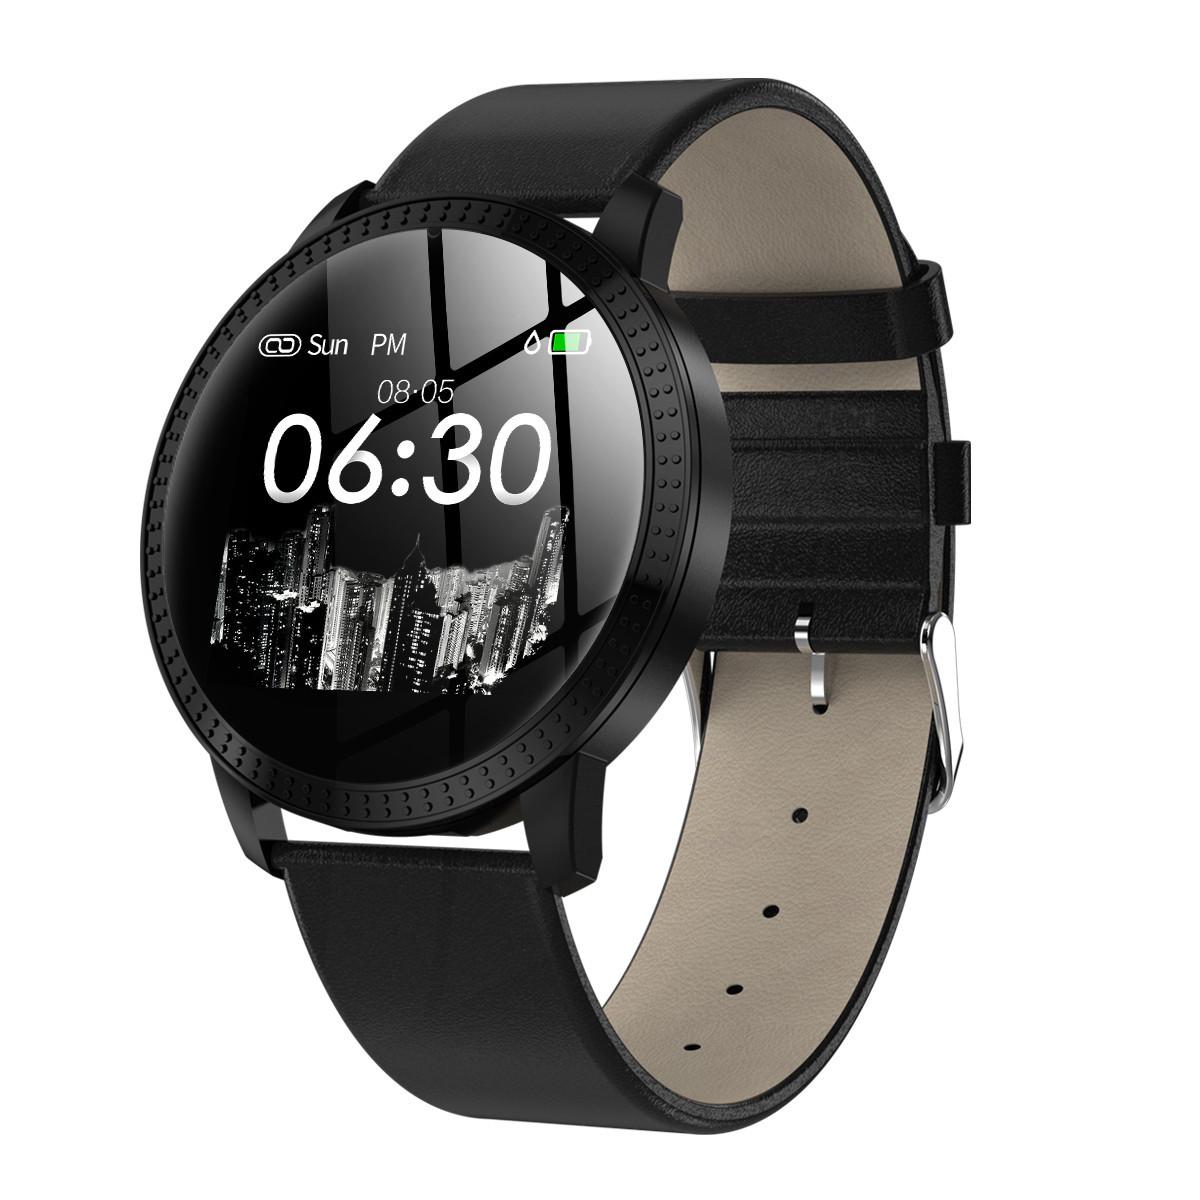 Фитнес браслет CF18 часы с тонометром давление крови цветной дисплей для iPhone и Android пульсометр черный